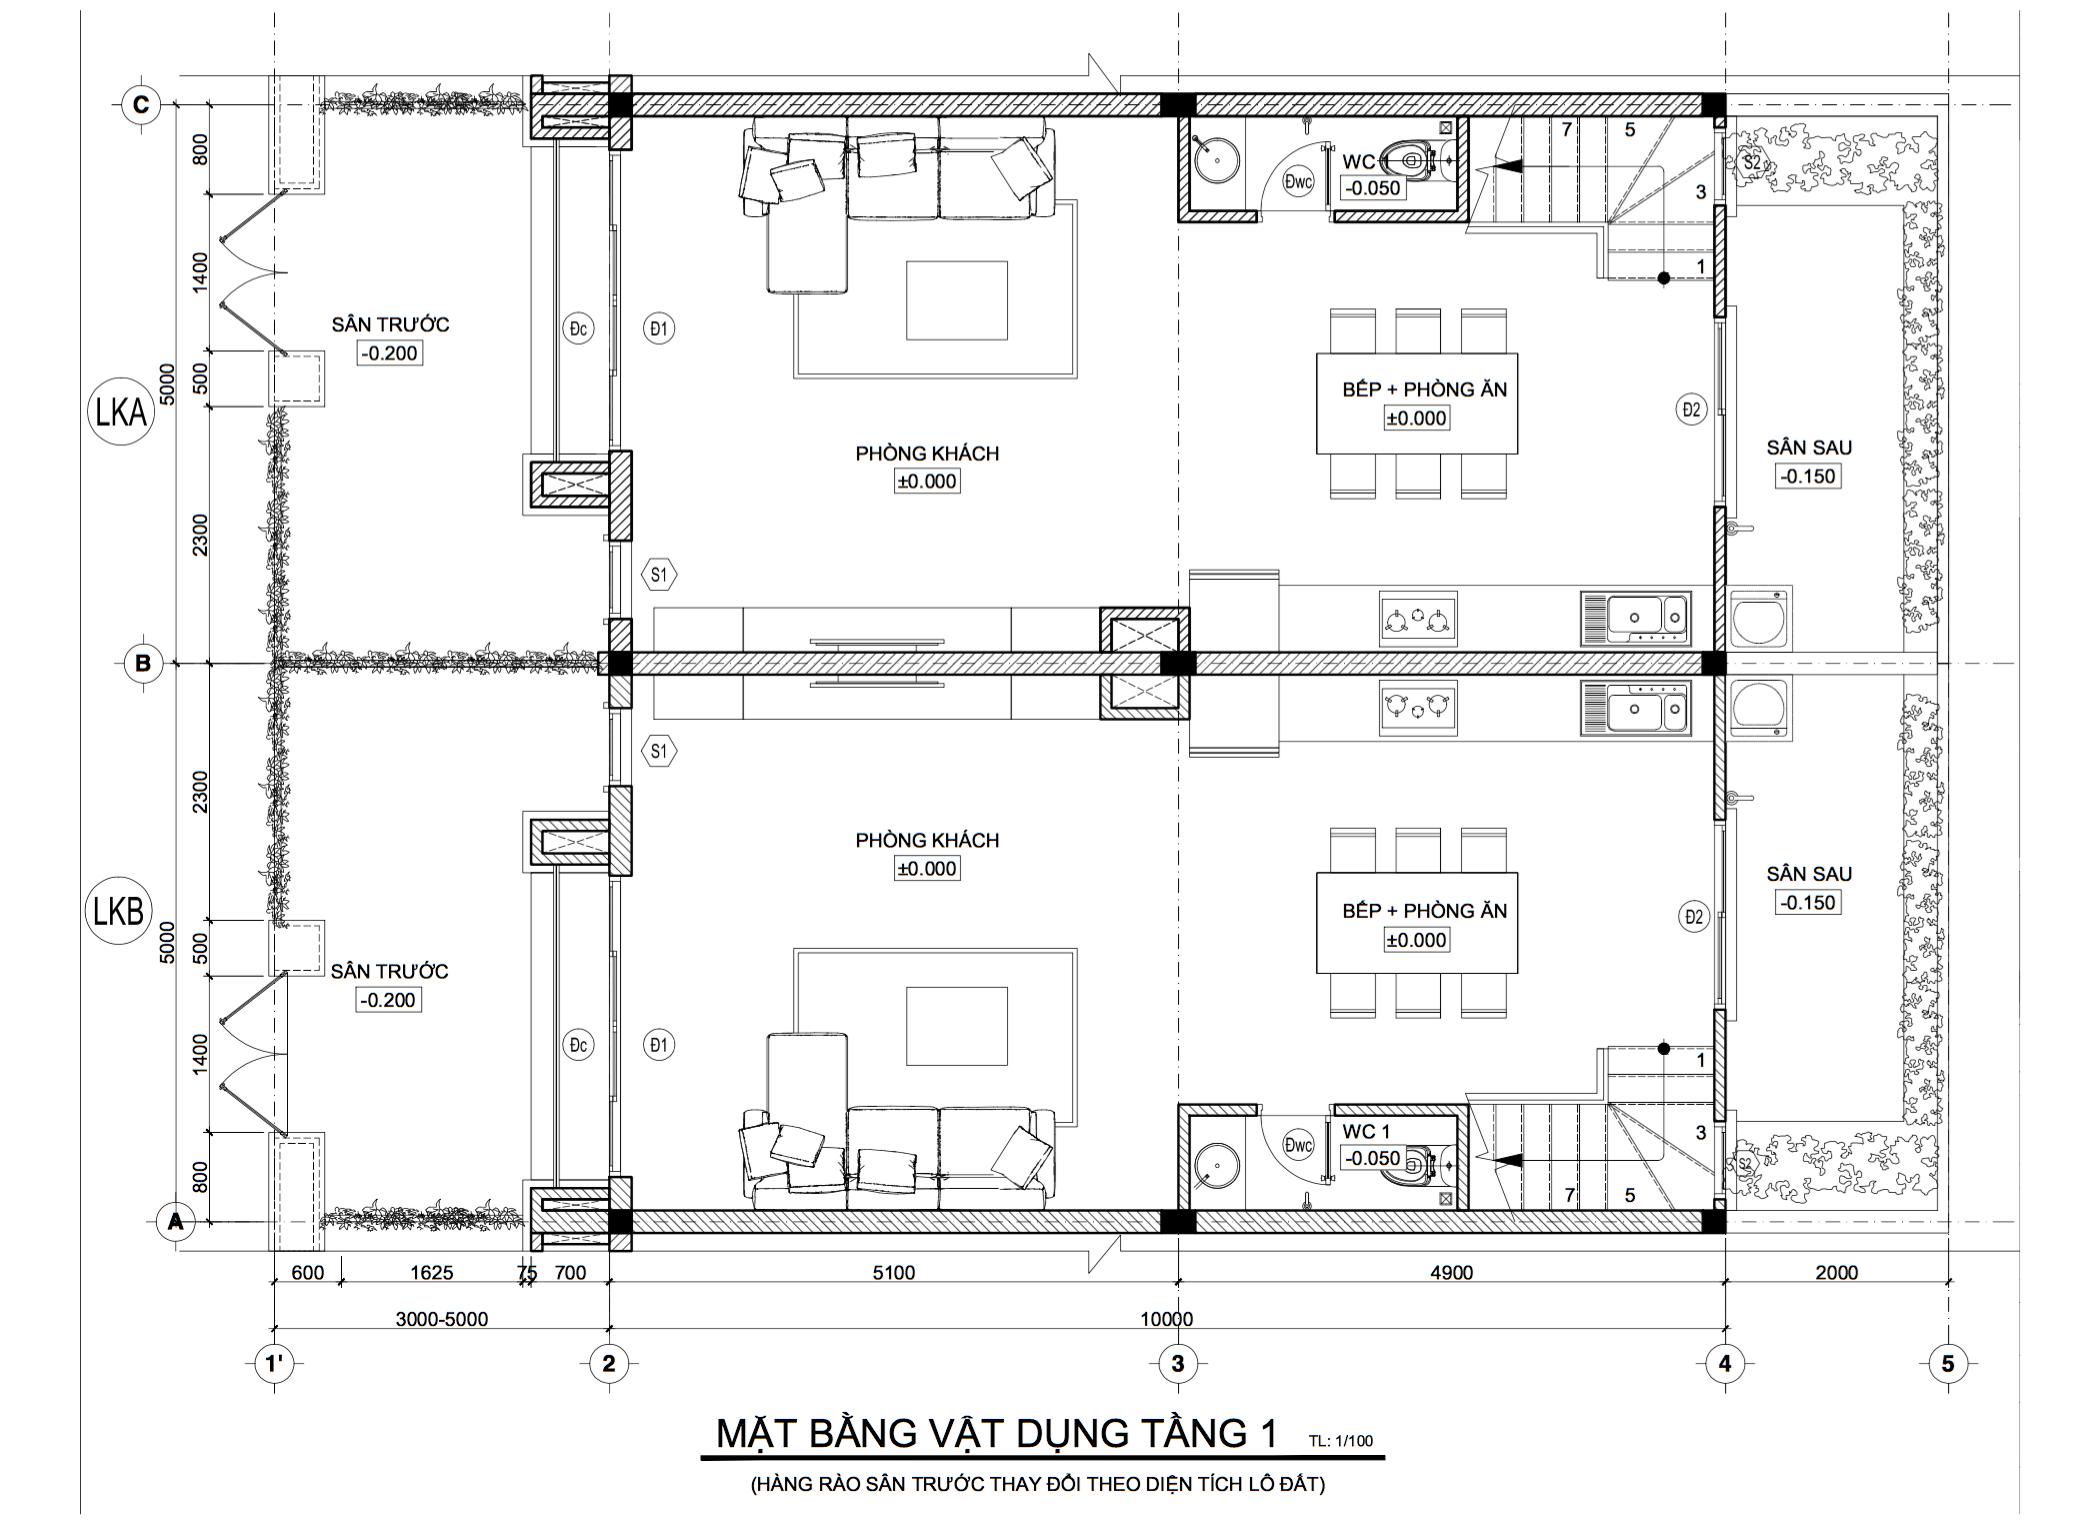 Bản vẽ thiết kế nhà phố Phúc An Garden Bình Dương (1 trệt 2 lầu)   Thị  trường Today